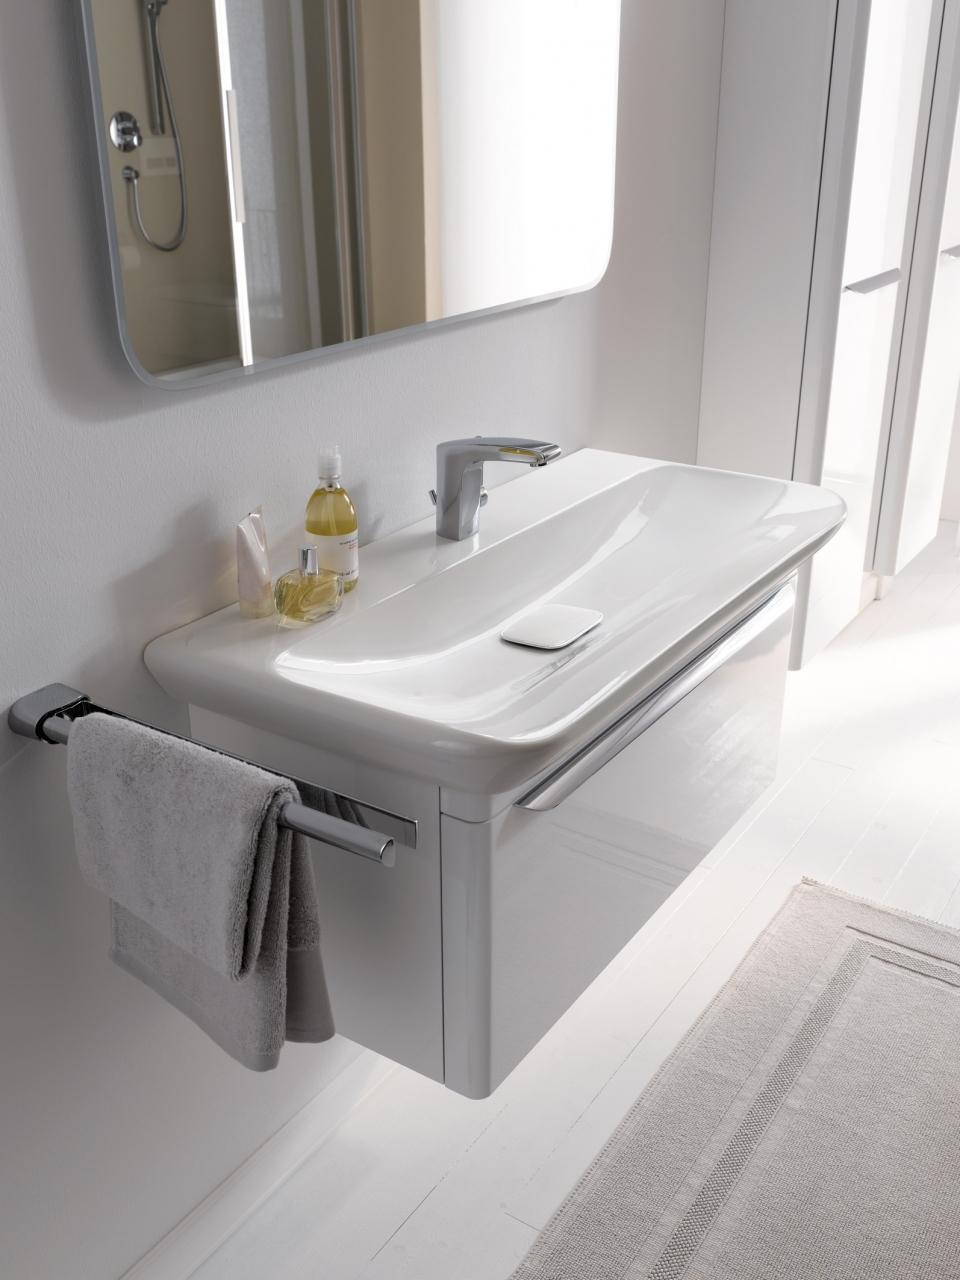 Ein unsichtbares Ab- und Überlaufsystem ersetzt das Überlaufloch am Waschbecken.